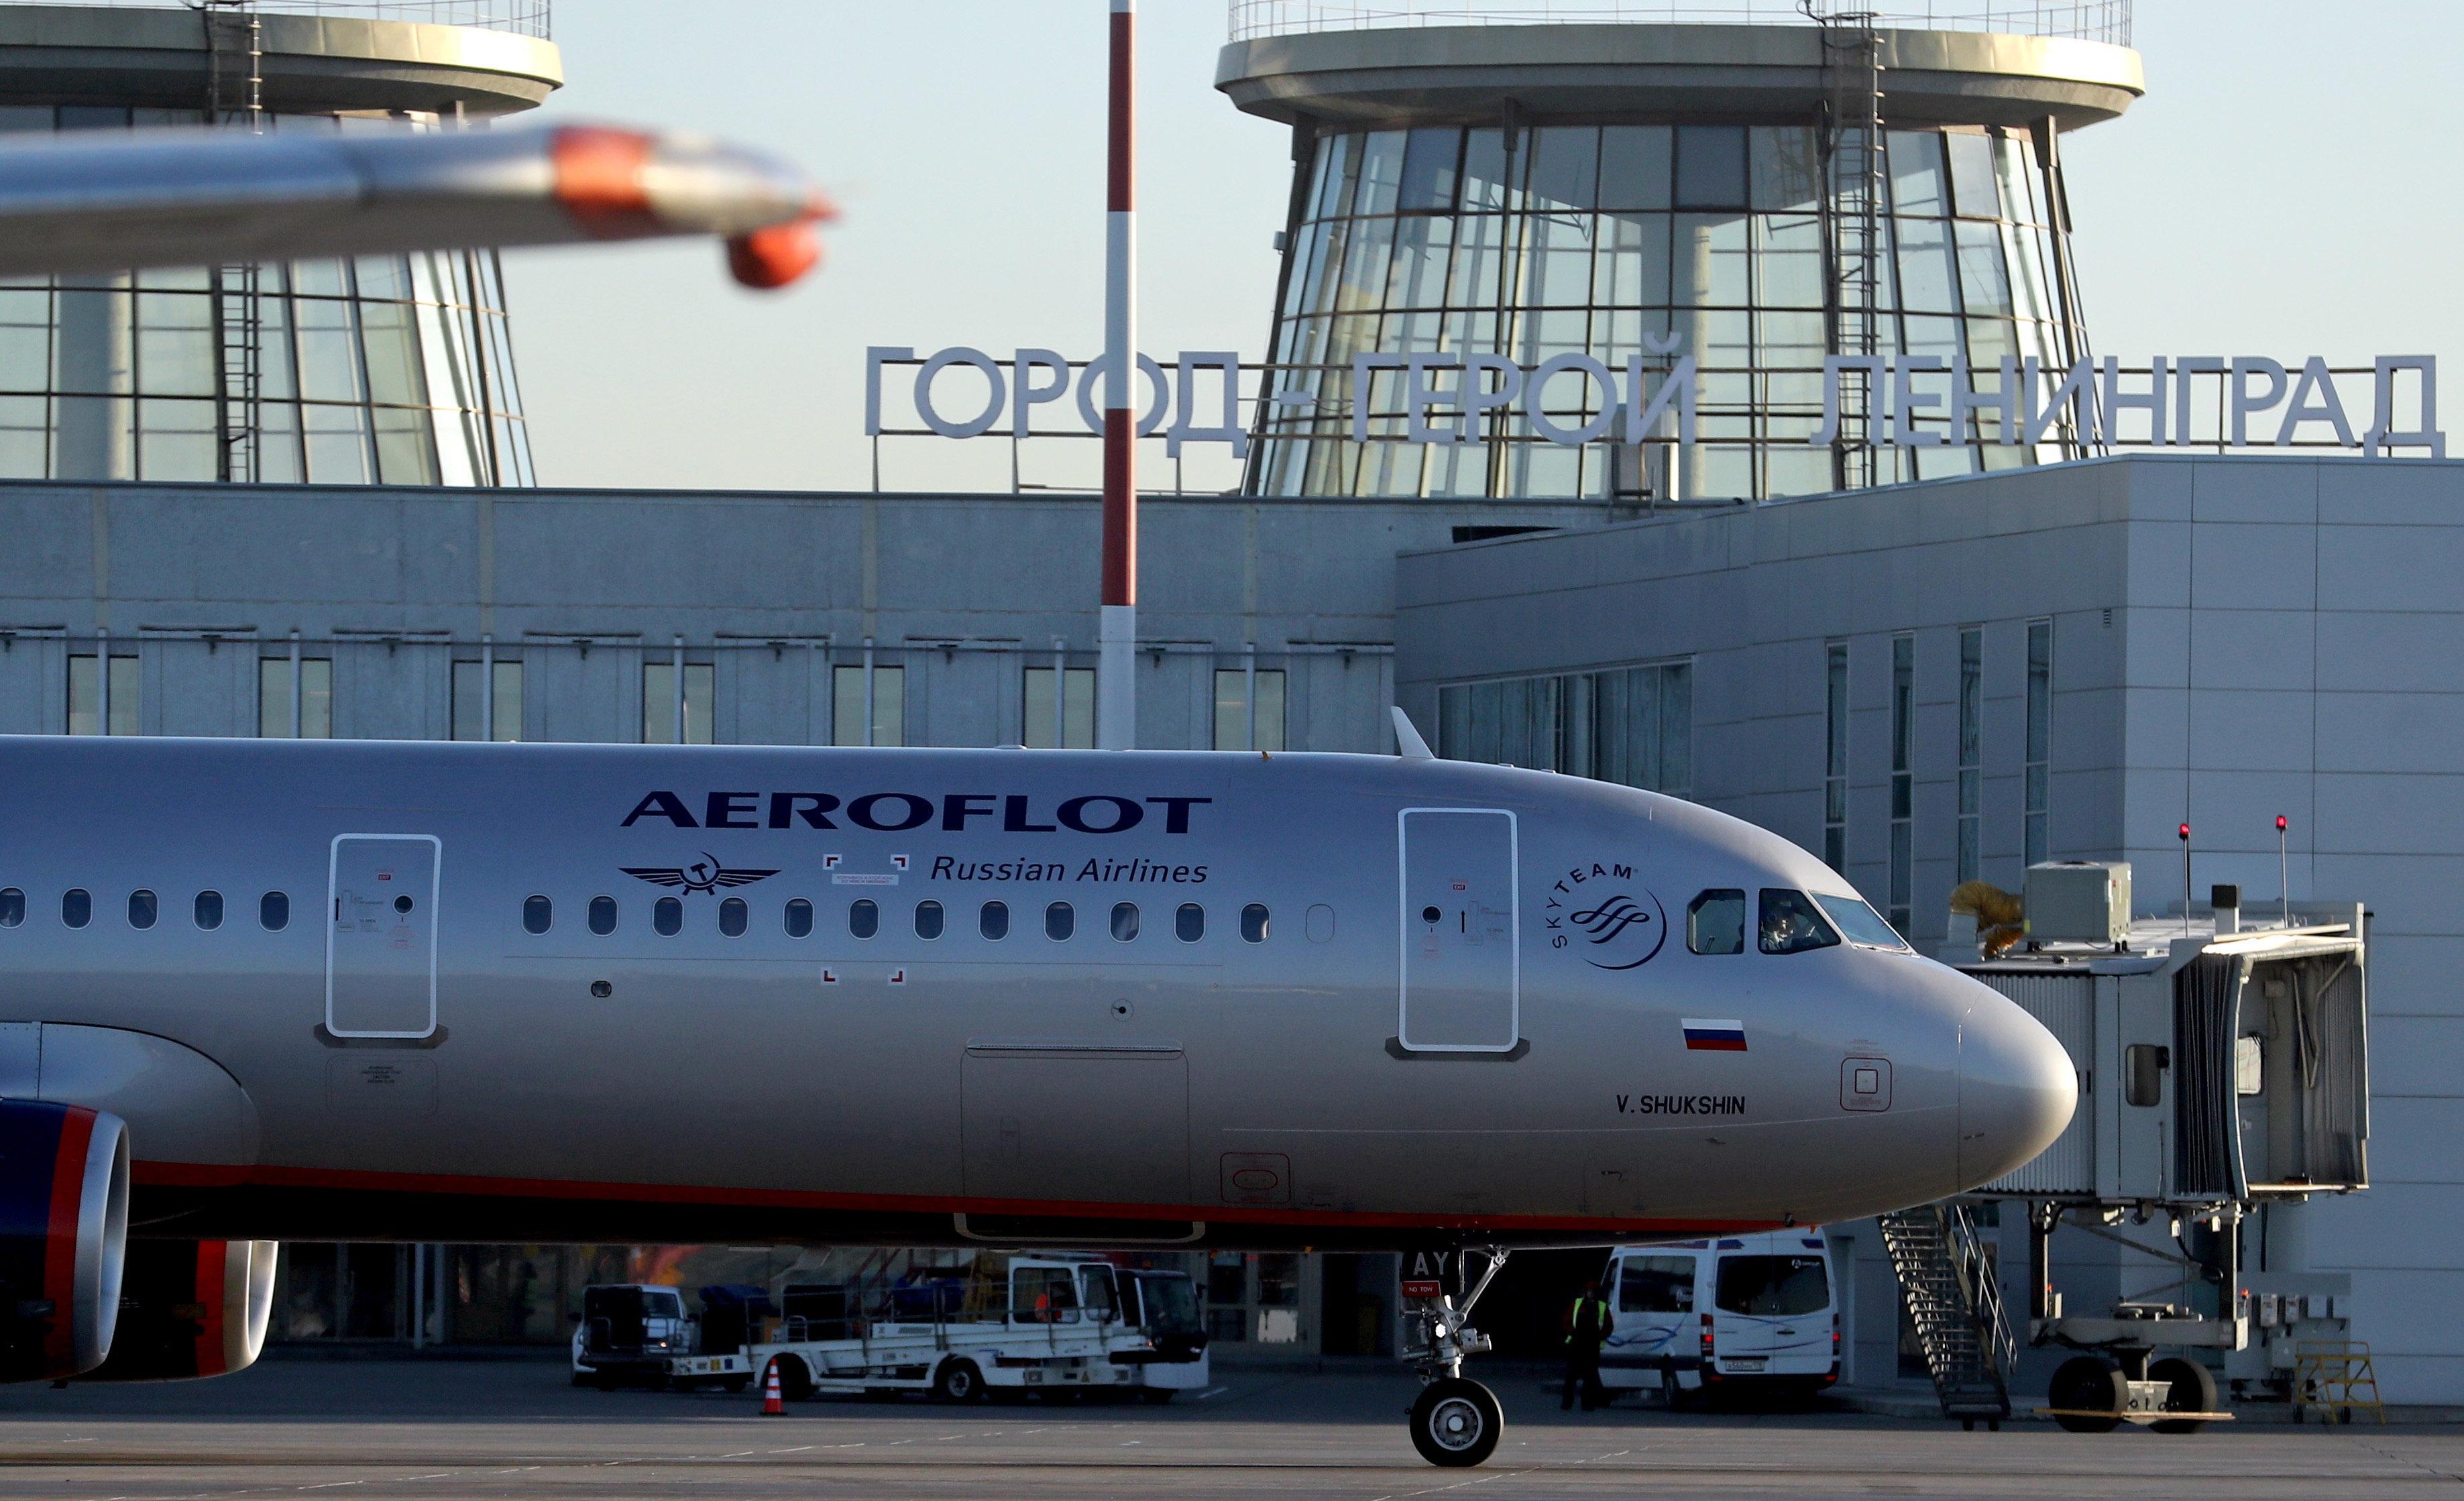 Σπάνιο δυστύχημα στην πτήση Μόσχα -Αθήνα: Νεκρός στον διάδρομο